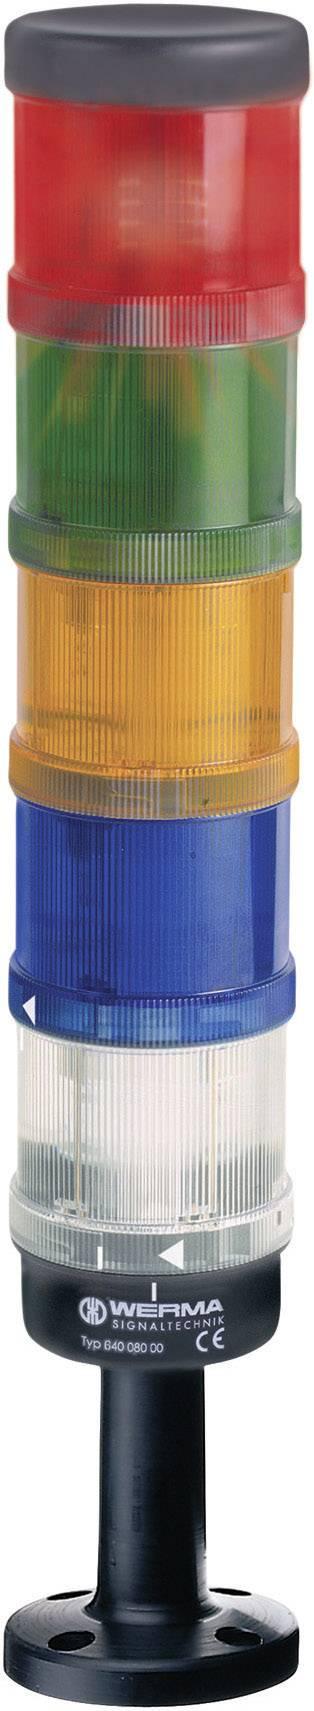 LED stálá signálka Werma 644.200.75, 24 V, IP65, zelená